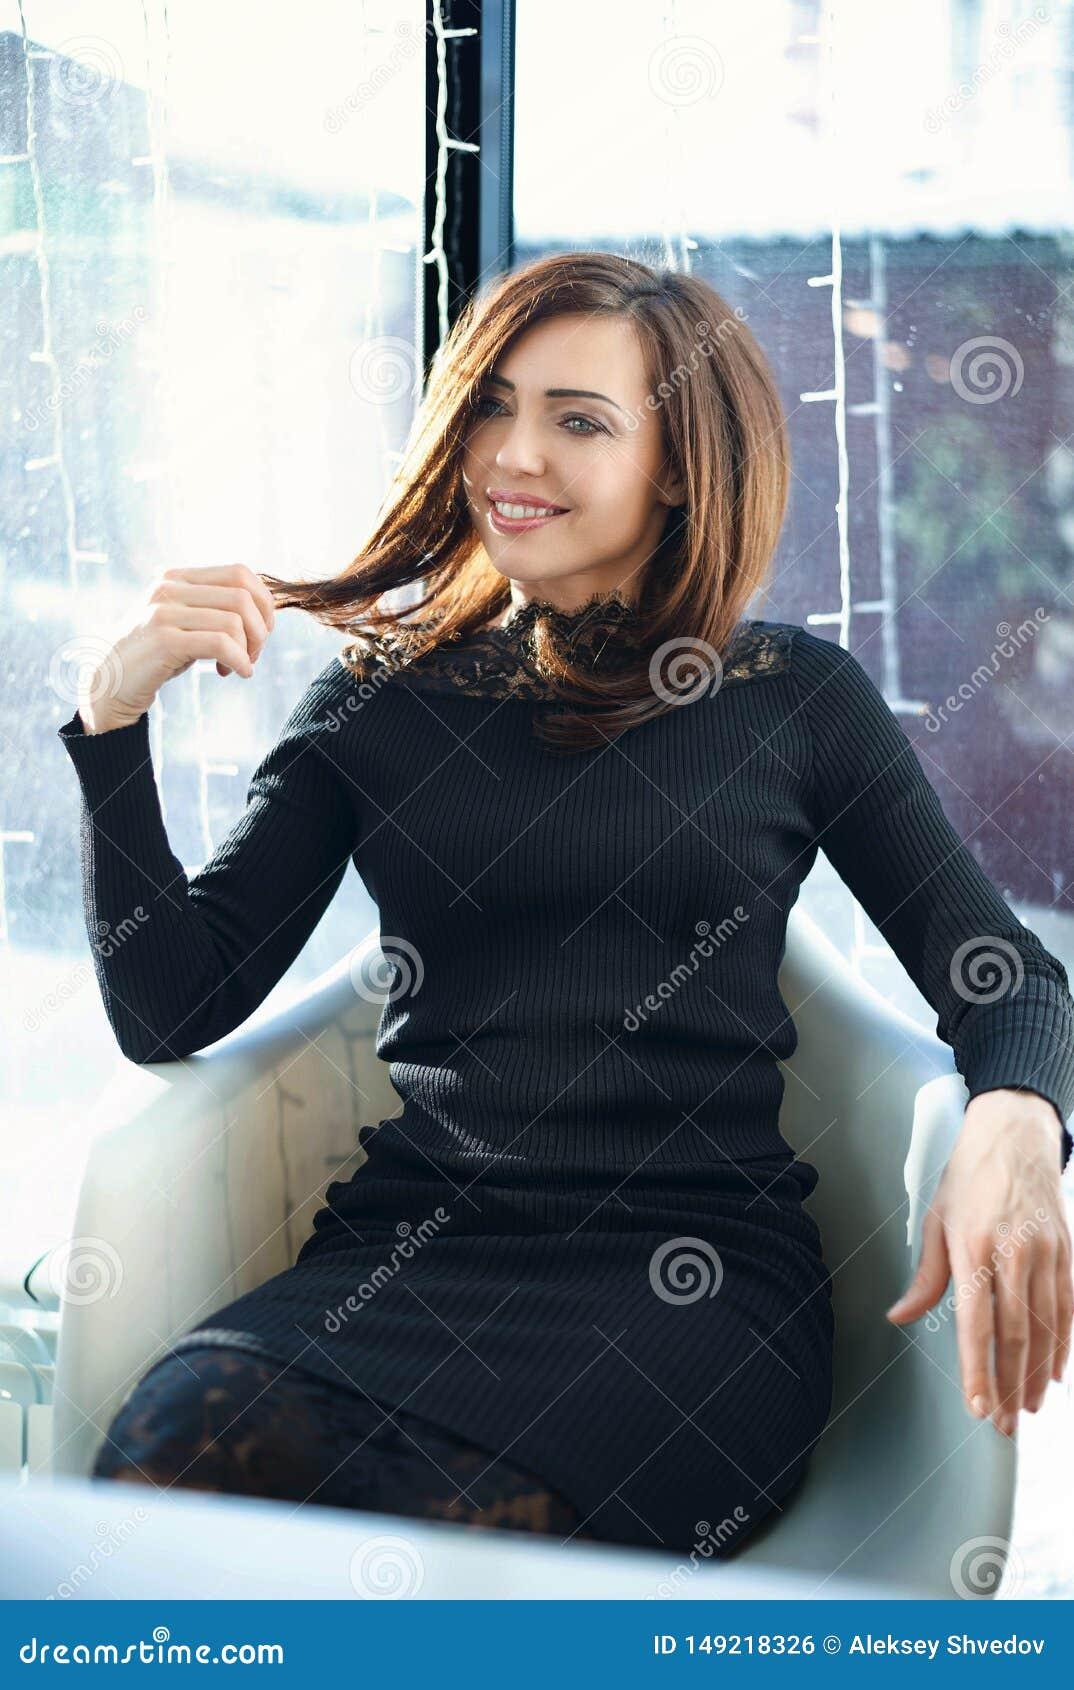 Πορτρέτο που γοητεύει τη νέα γυναίκα με το φιλικό χαμόγελο, μακρύς καφές χαμόγελου τρίχας brunette